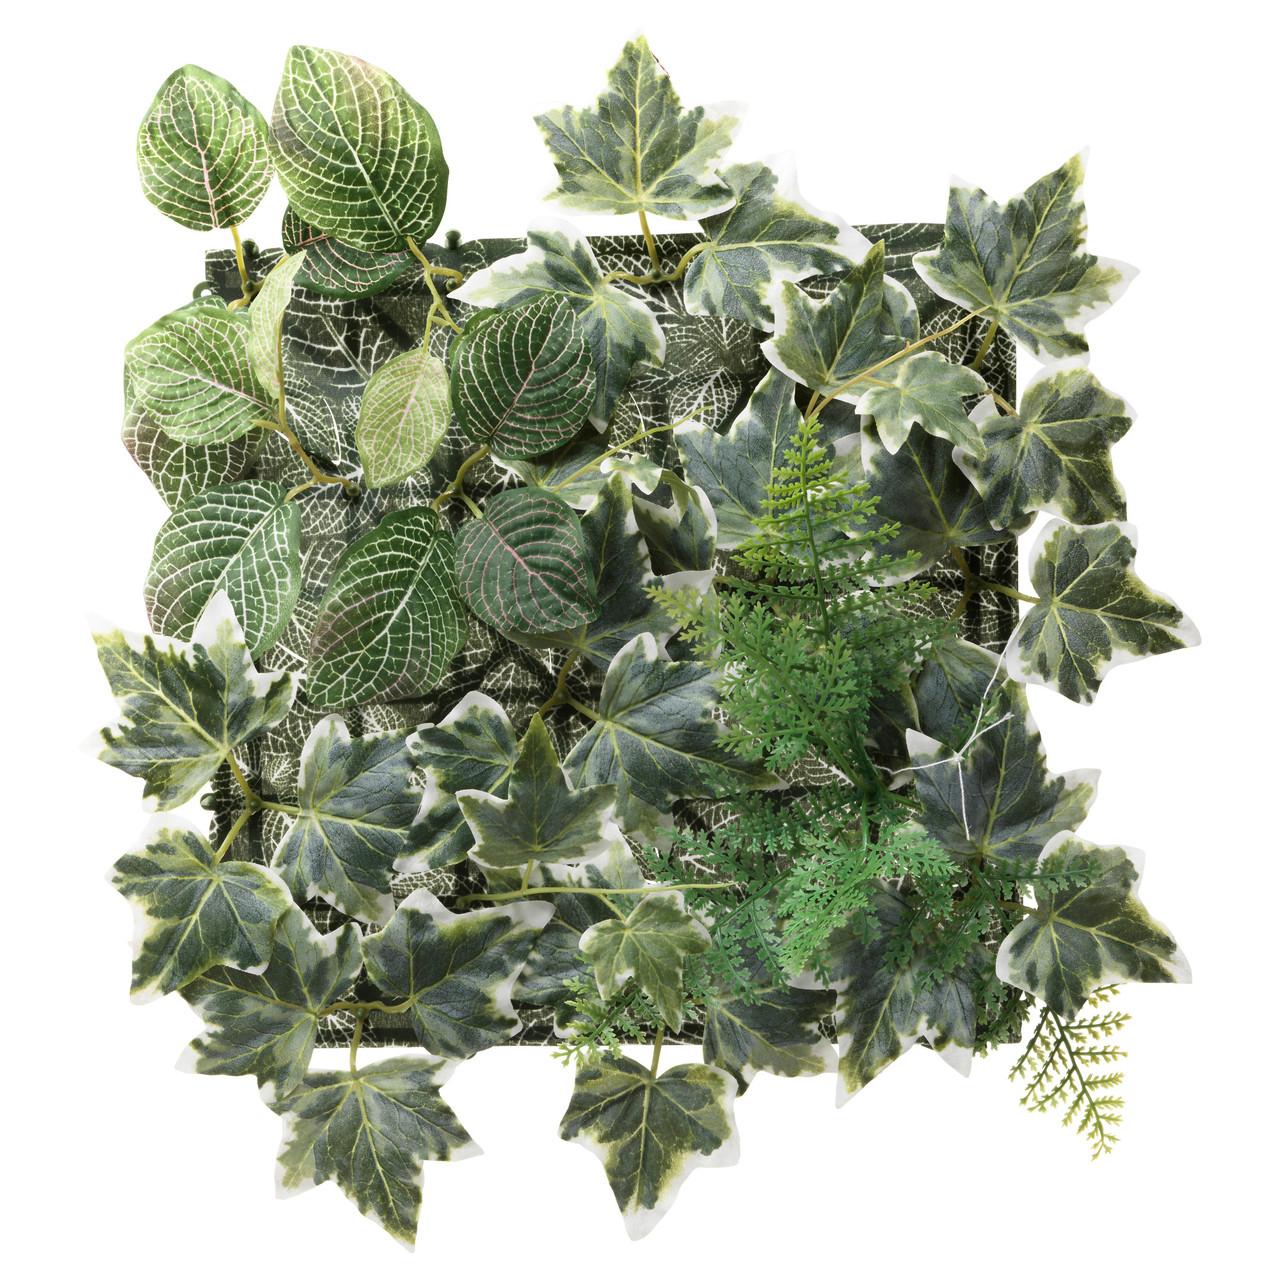 """ИКЕА """"ФЕЙКА"""" Растение искусственное, настенный, для дома и улицы, зеленый 26x26 см."""